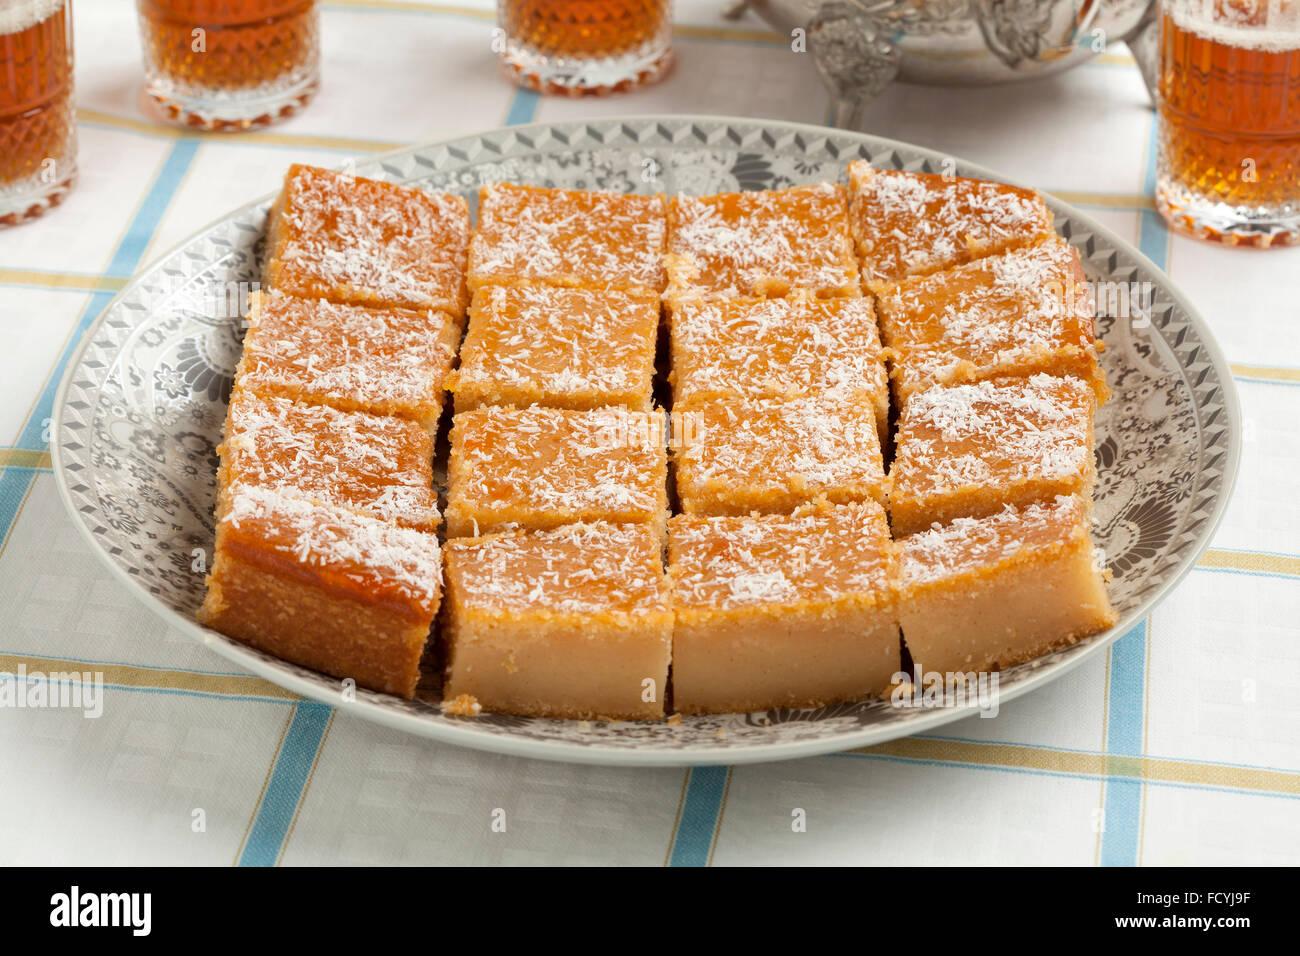 Frisch Gebackene Marokkanischen Joghurt Kuchen In Stucke Schneiden